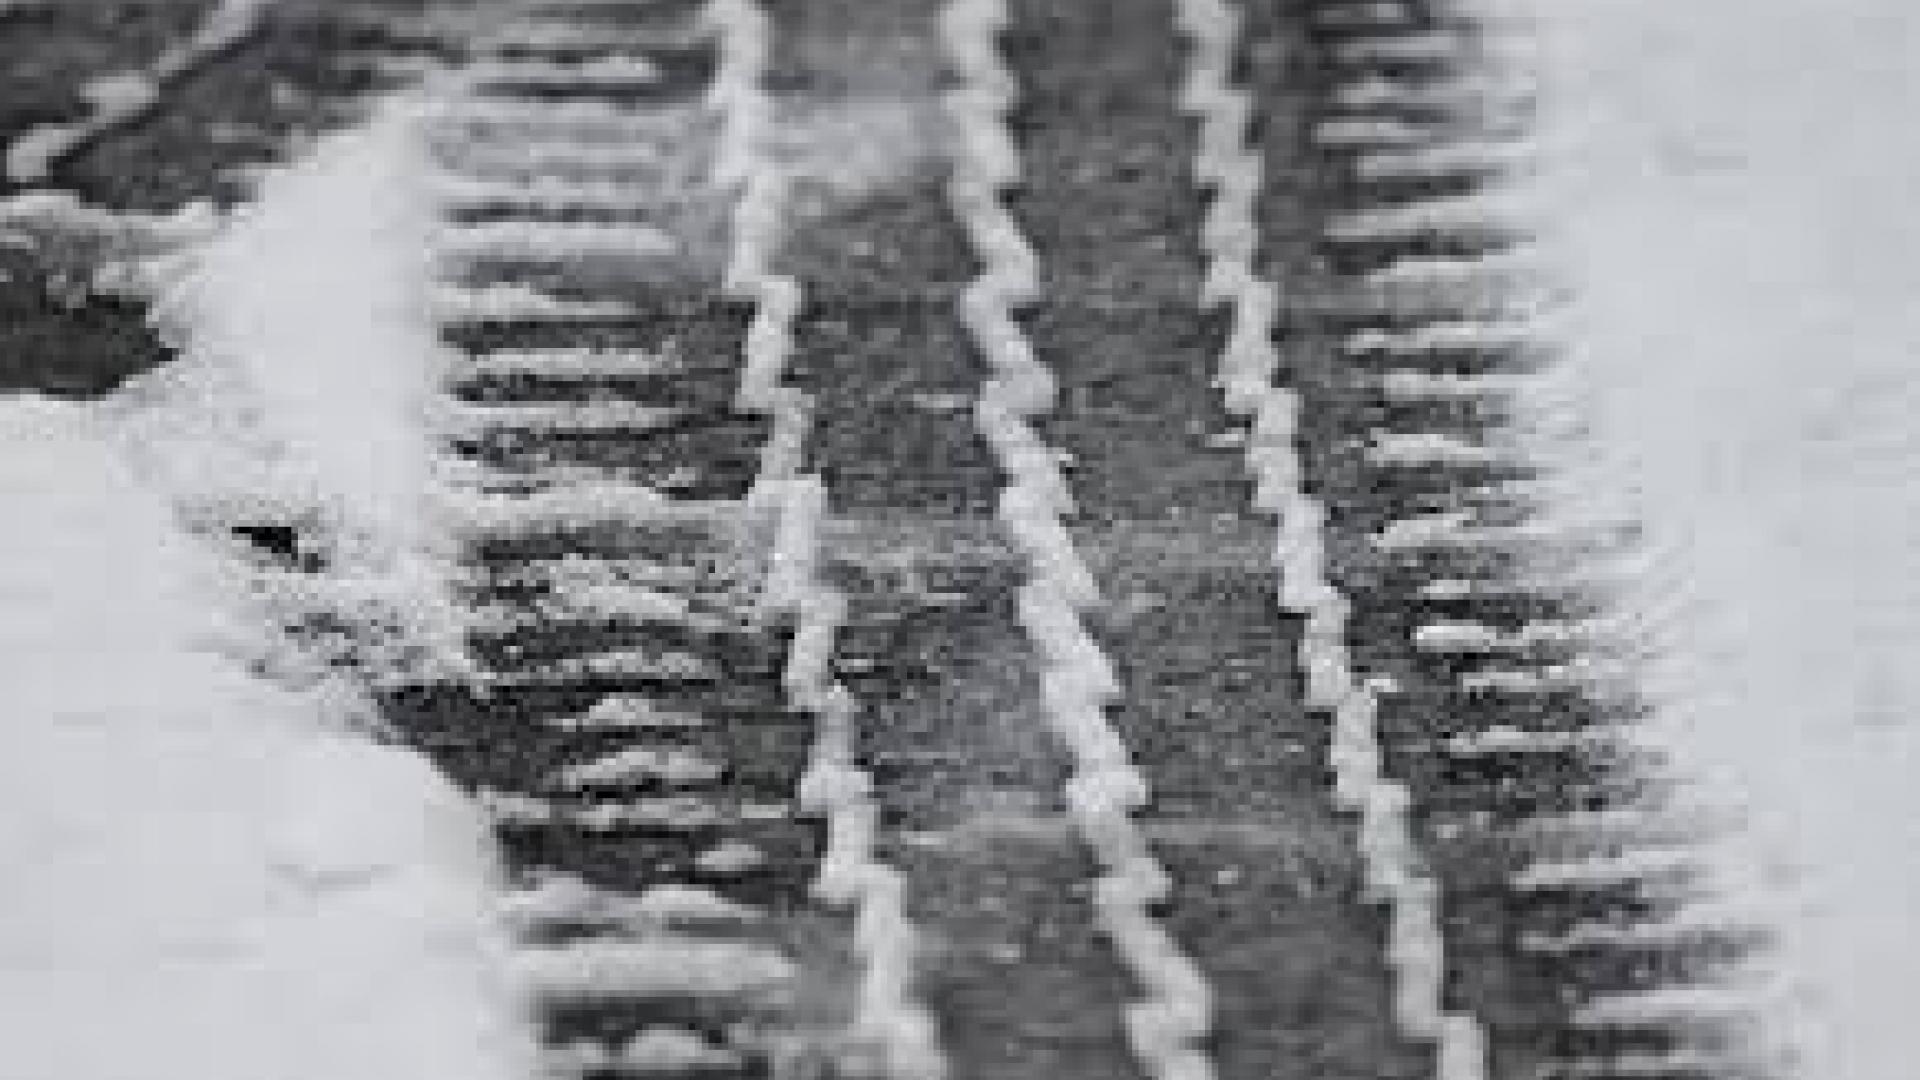 Сняг затвори за кратко пътищата от Русе към София и Шумен